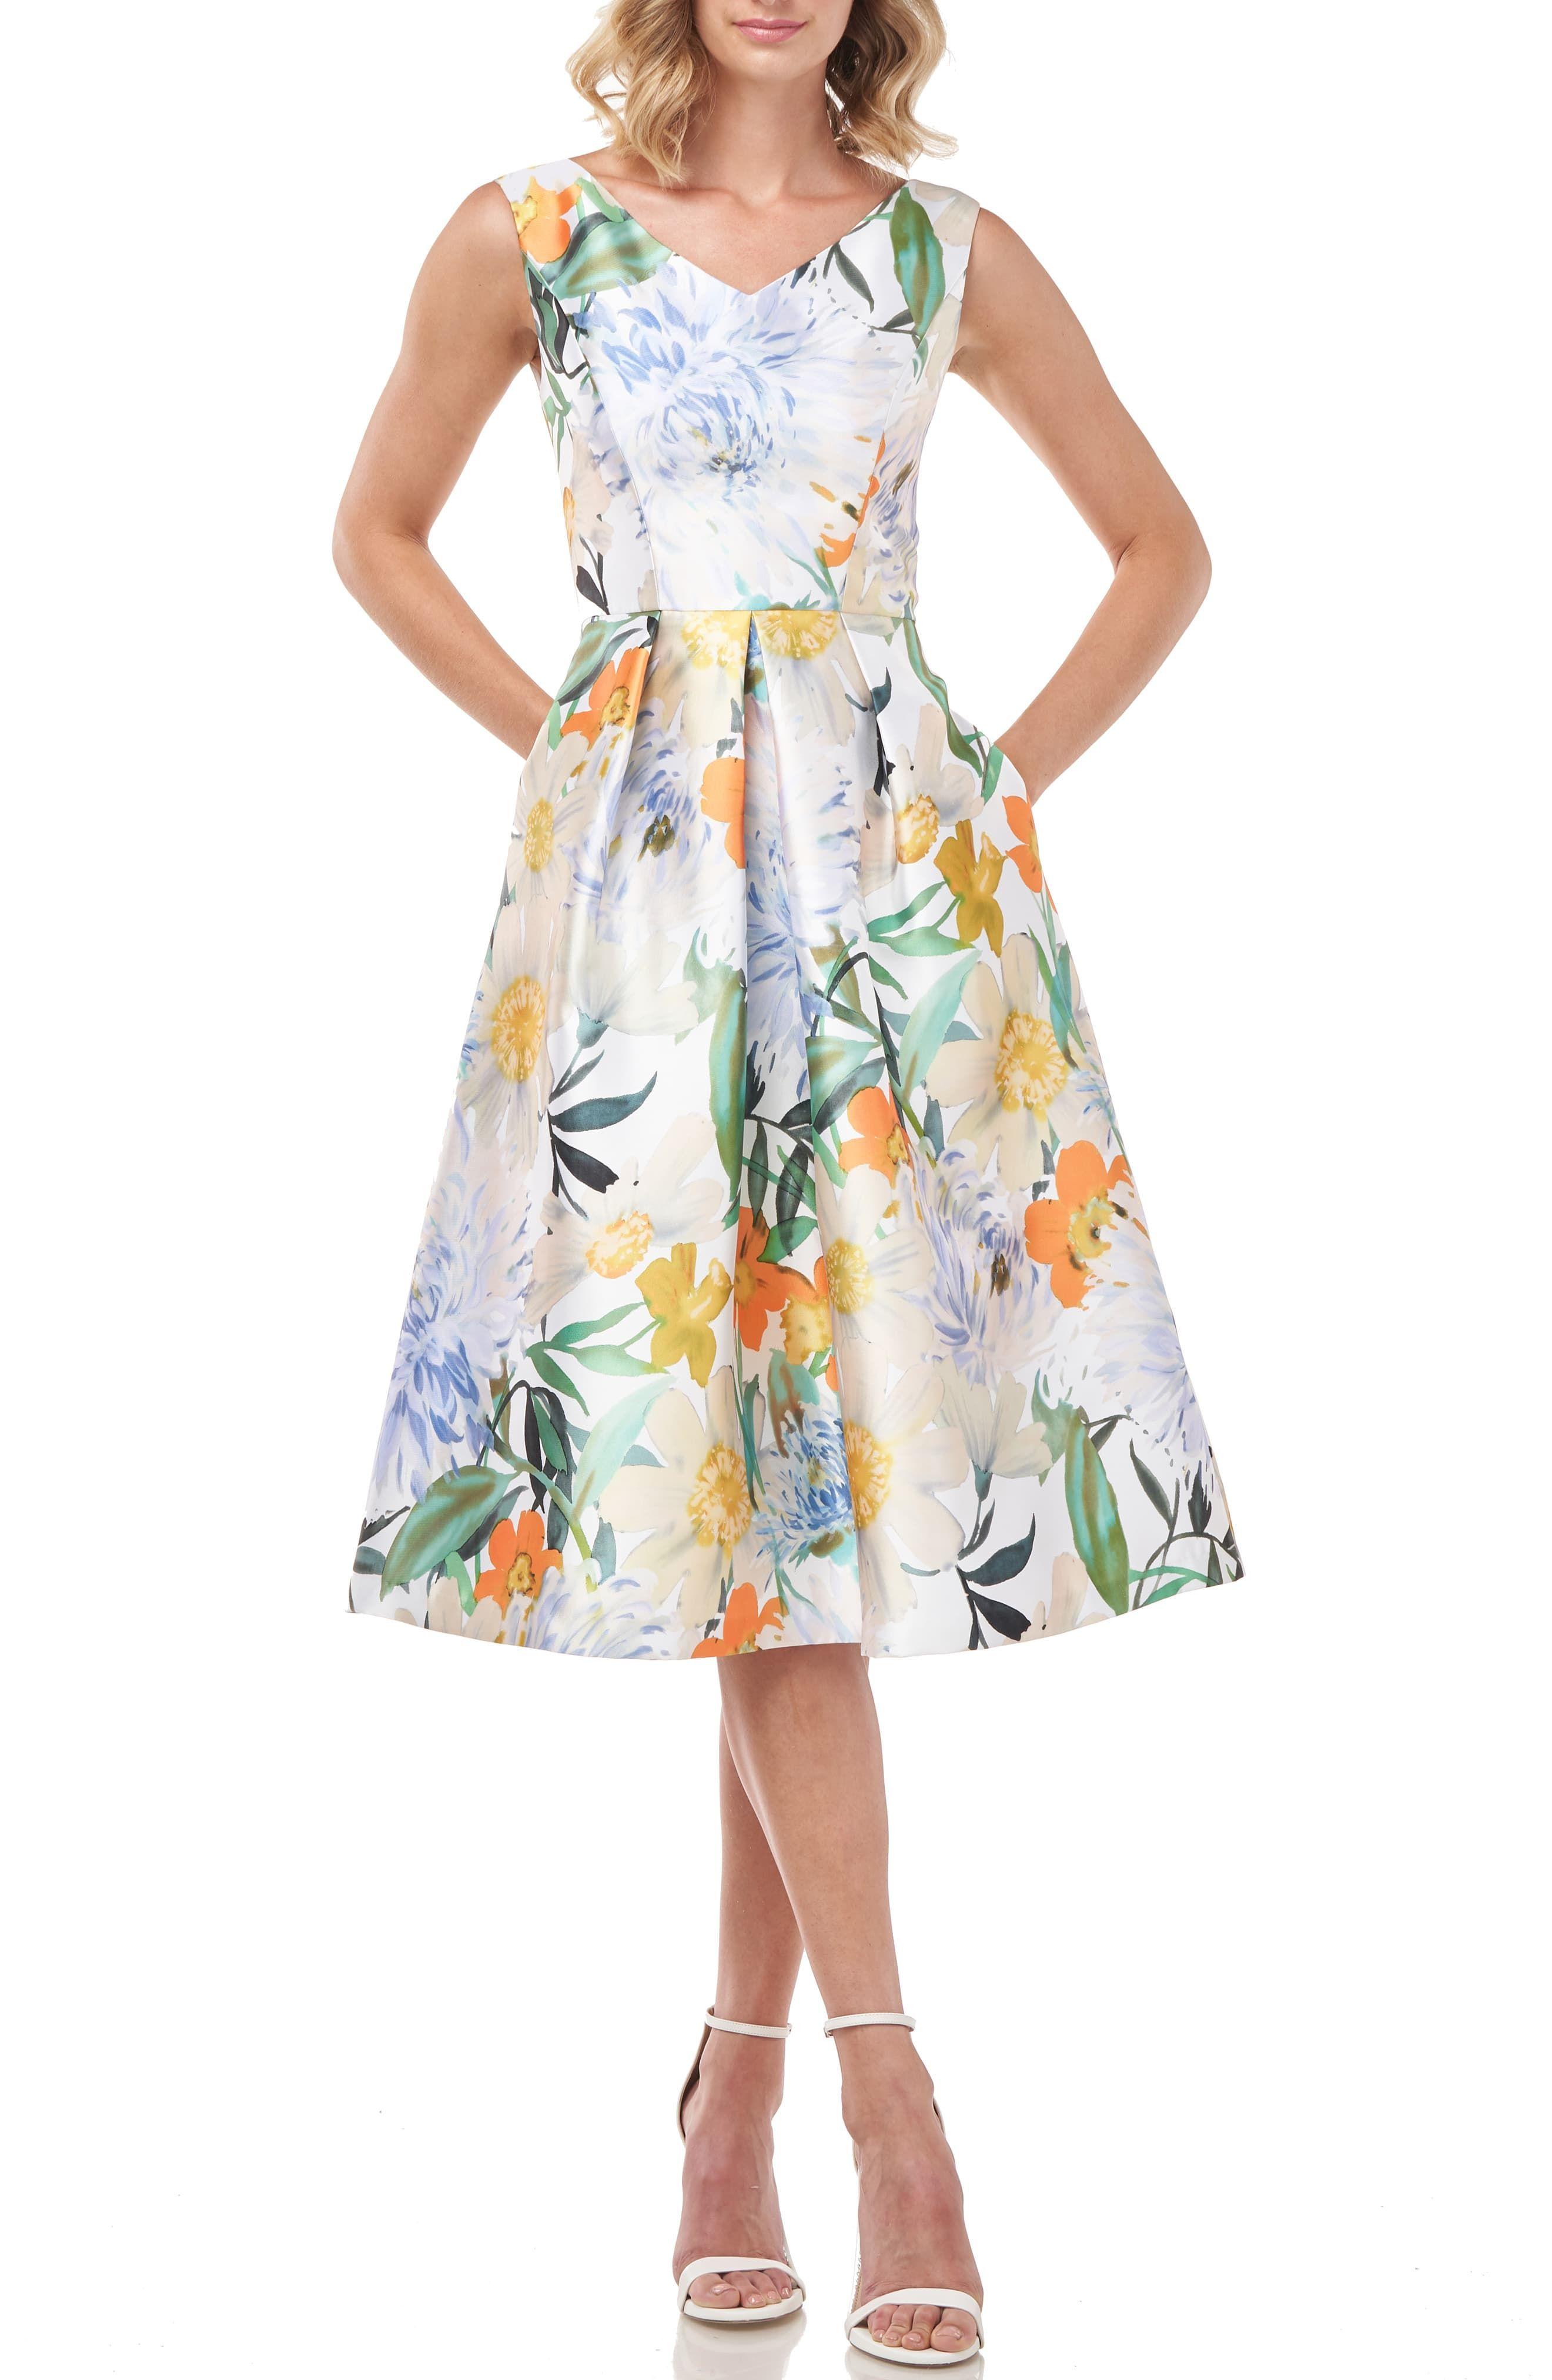 29++ Floral cocktail dress ideas